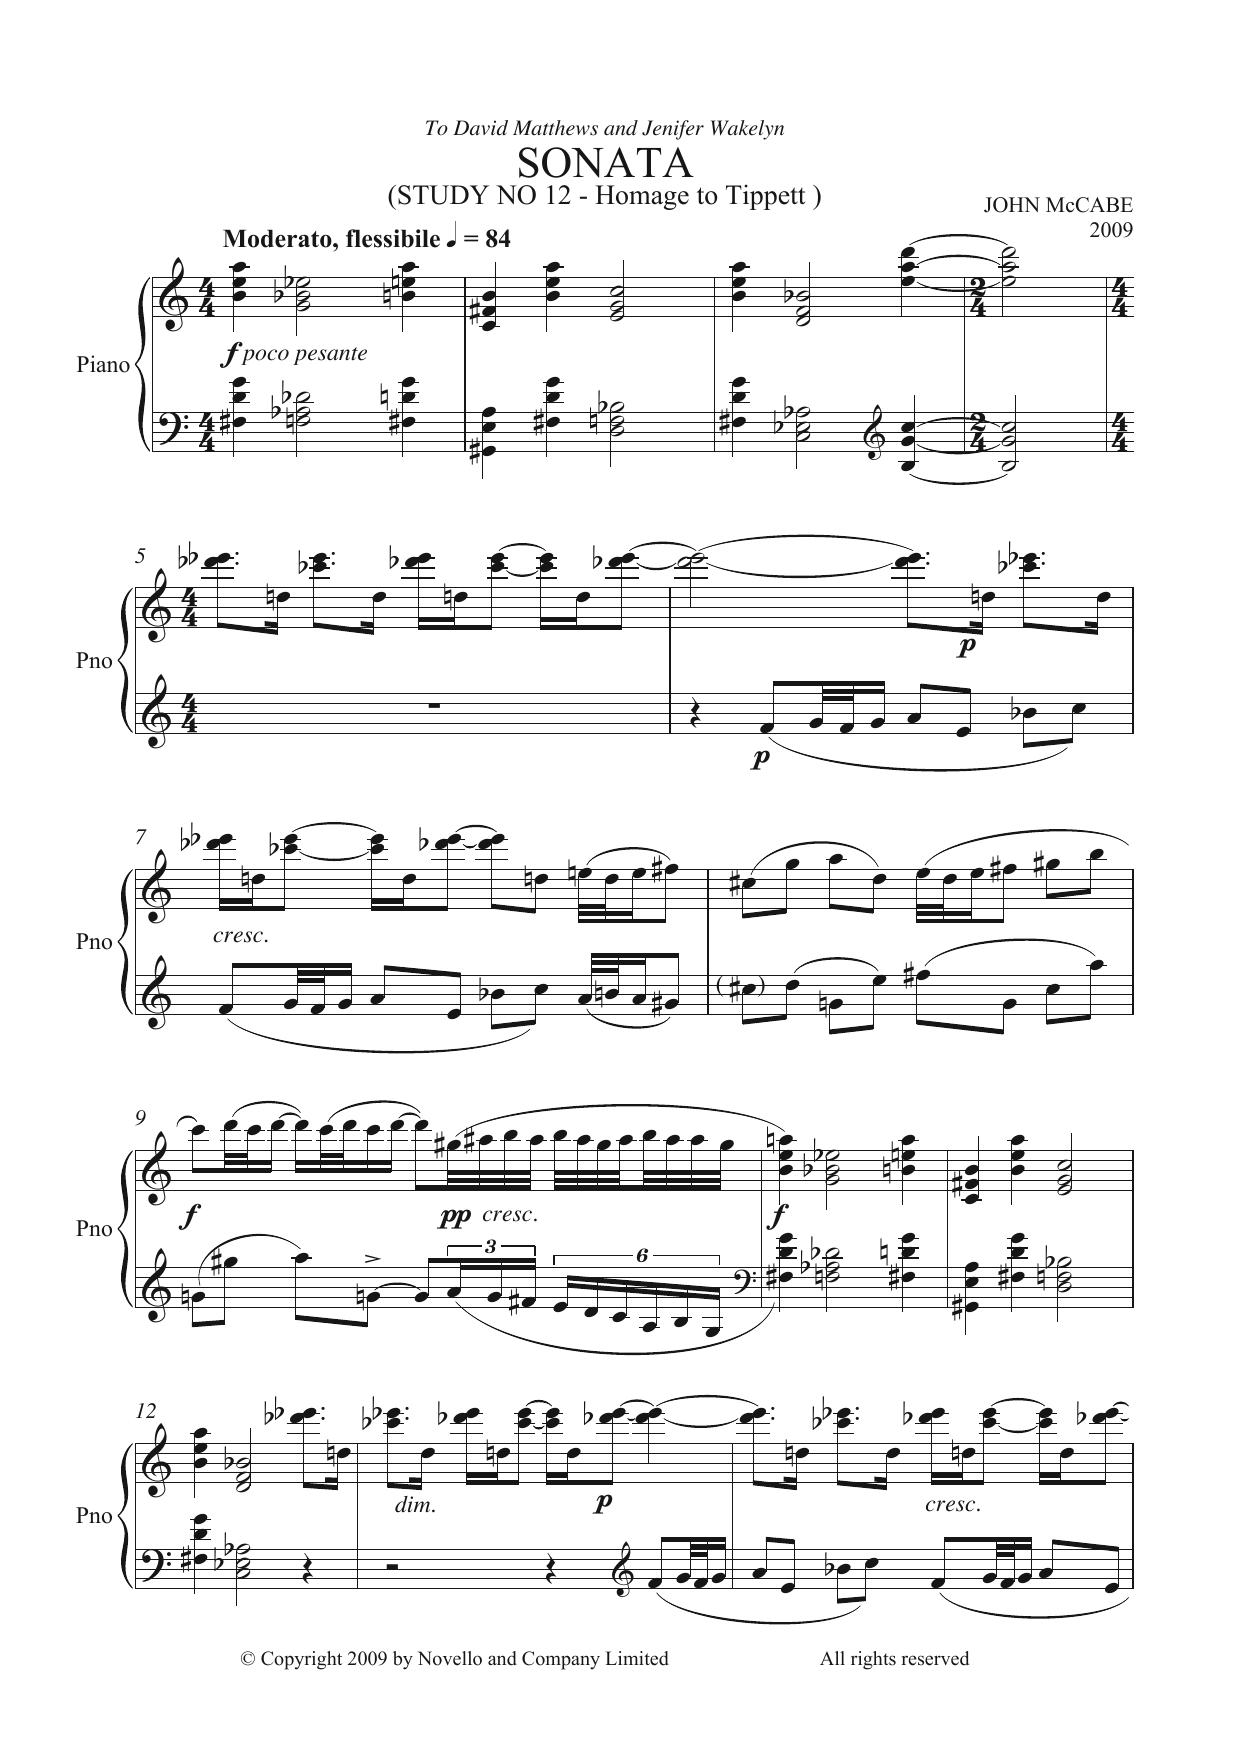 John McCabe - Sonata (Study No. 12)